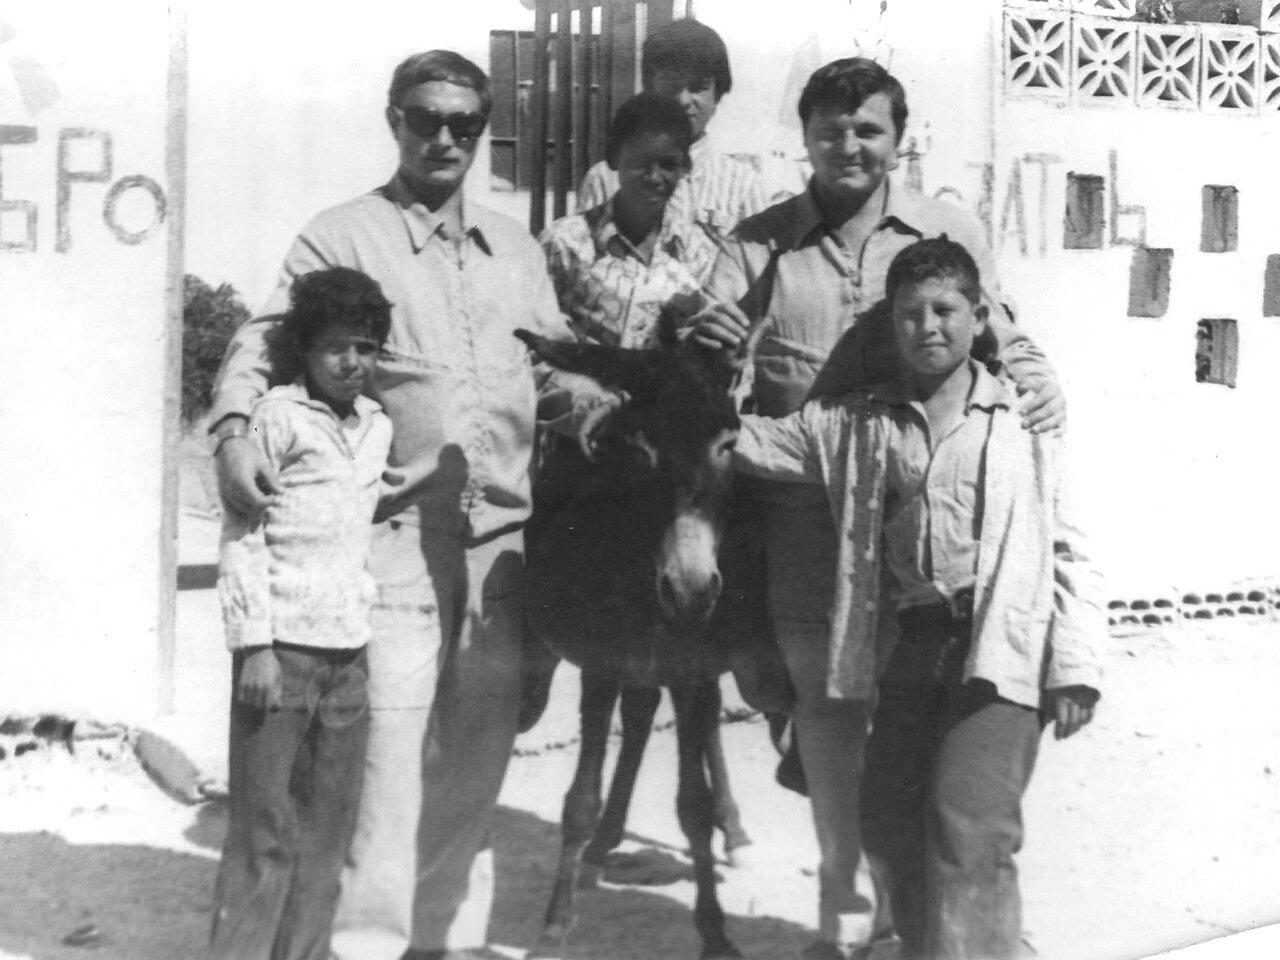 Сирия. Саксонов и Слободяник у дома Сулеймана